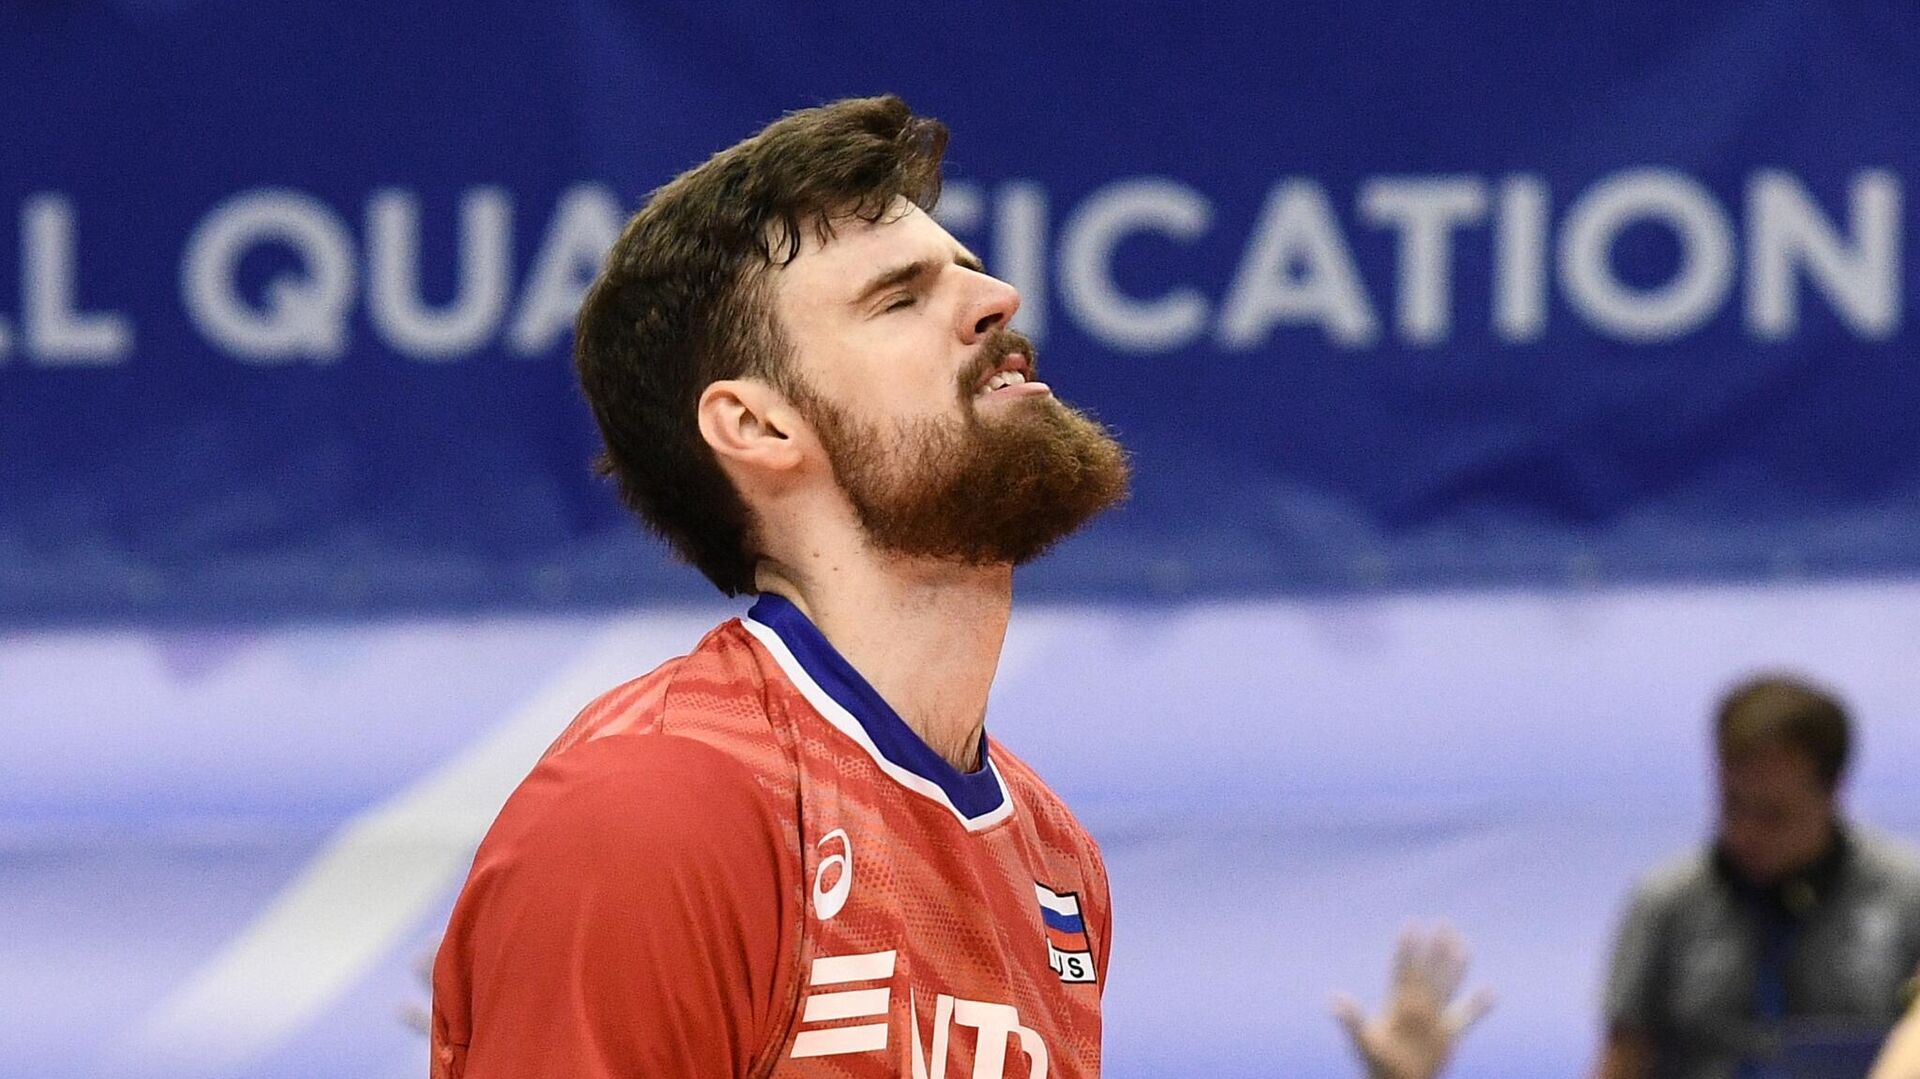 Волейболист сборной России Егор Клюка - РИА Новости, 1920, 26.07.2021